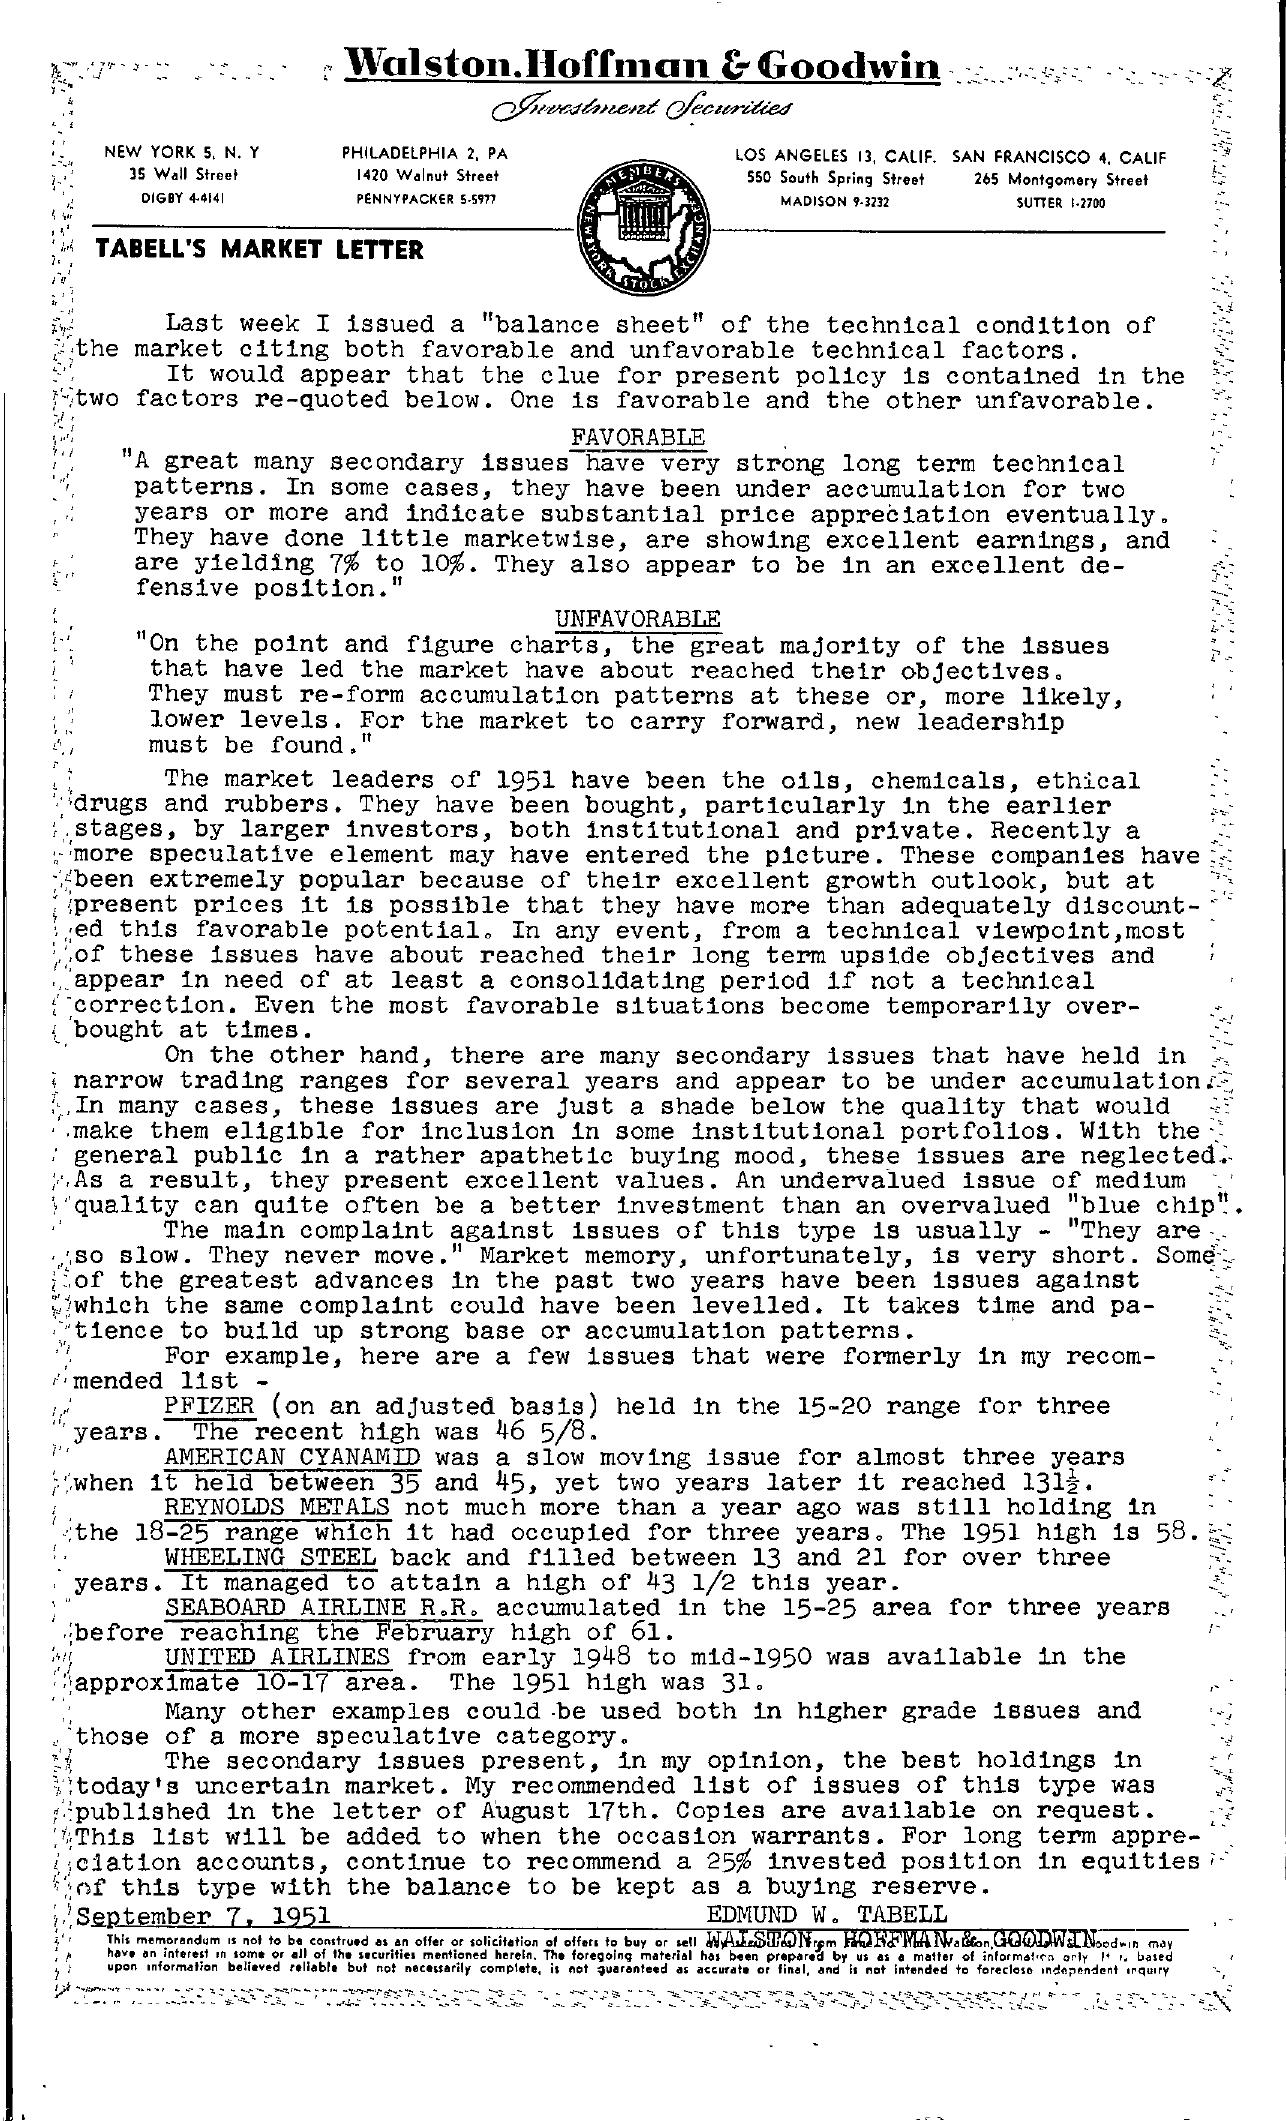 Tabell's Market Letter - September 07, 1951